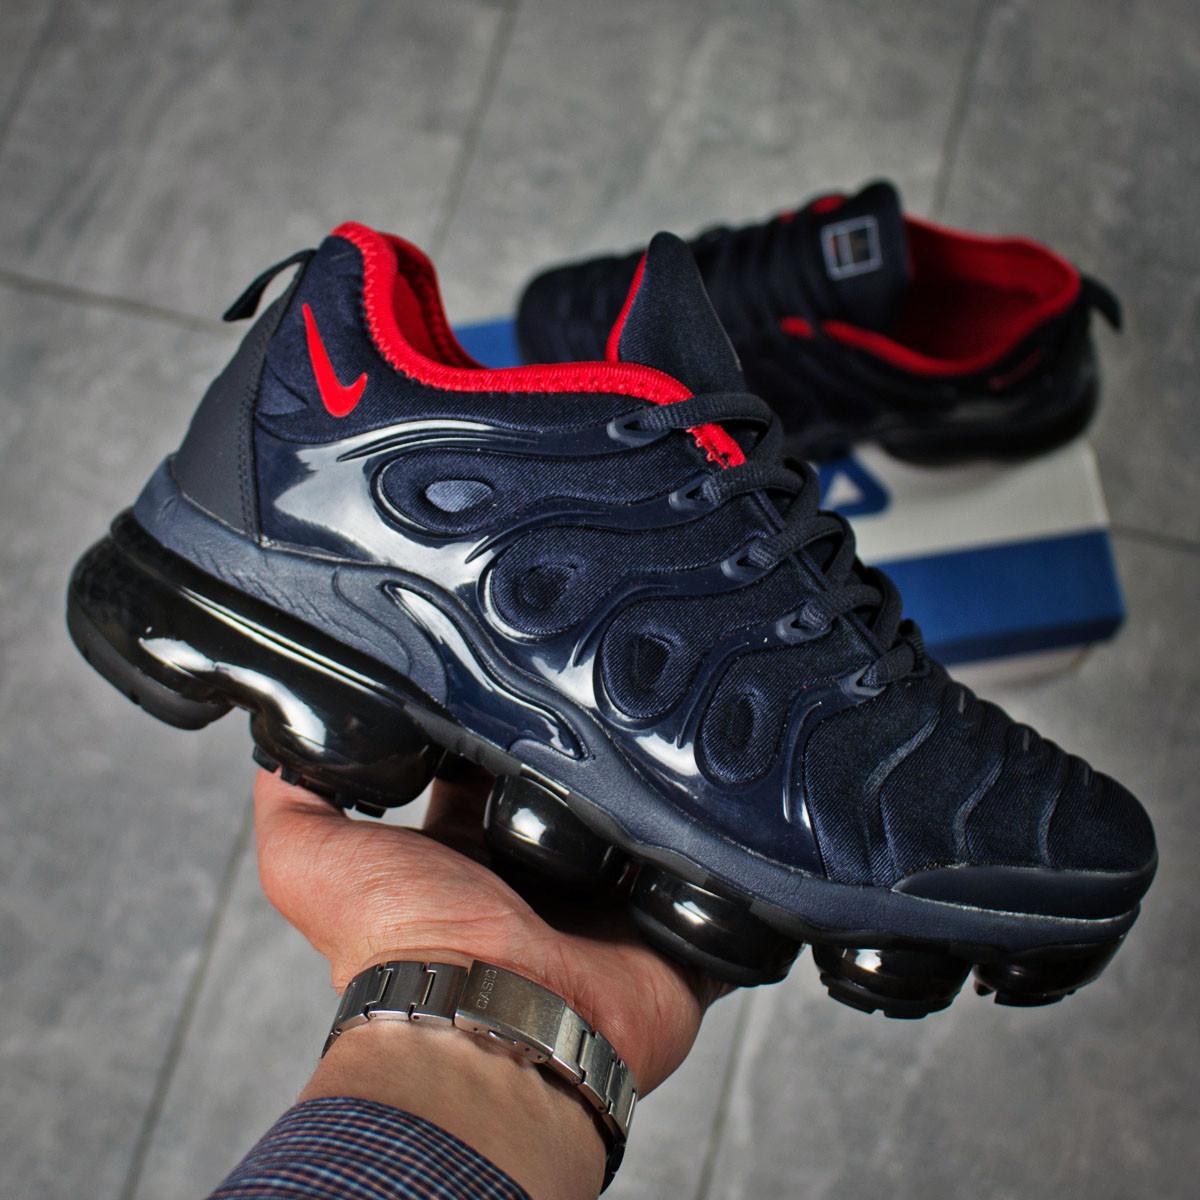 new york 12800 d3a62 Мужские кроссовки в стиле Nike Tn Air, текстиль, пена, синие 41 (26,5 см) -  Bigl.ua